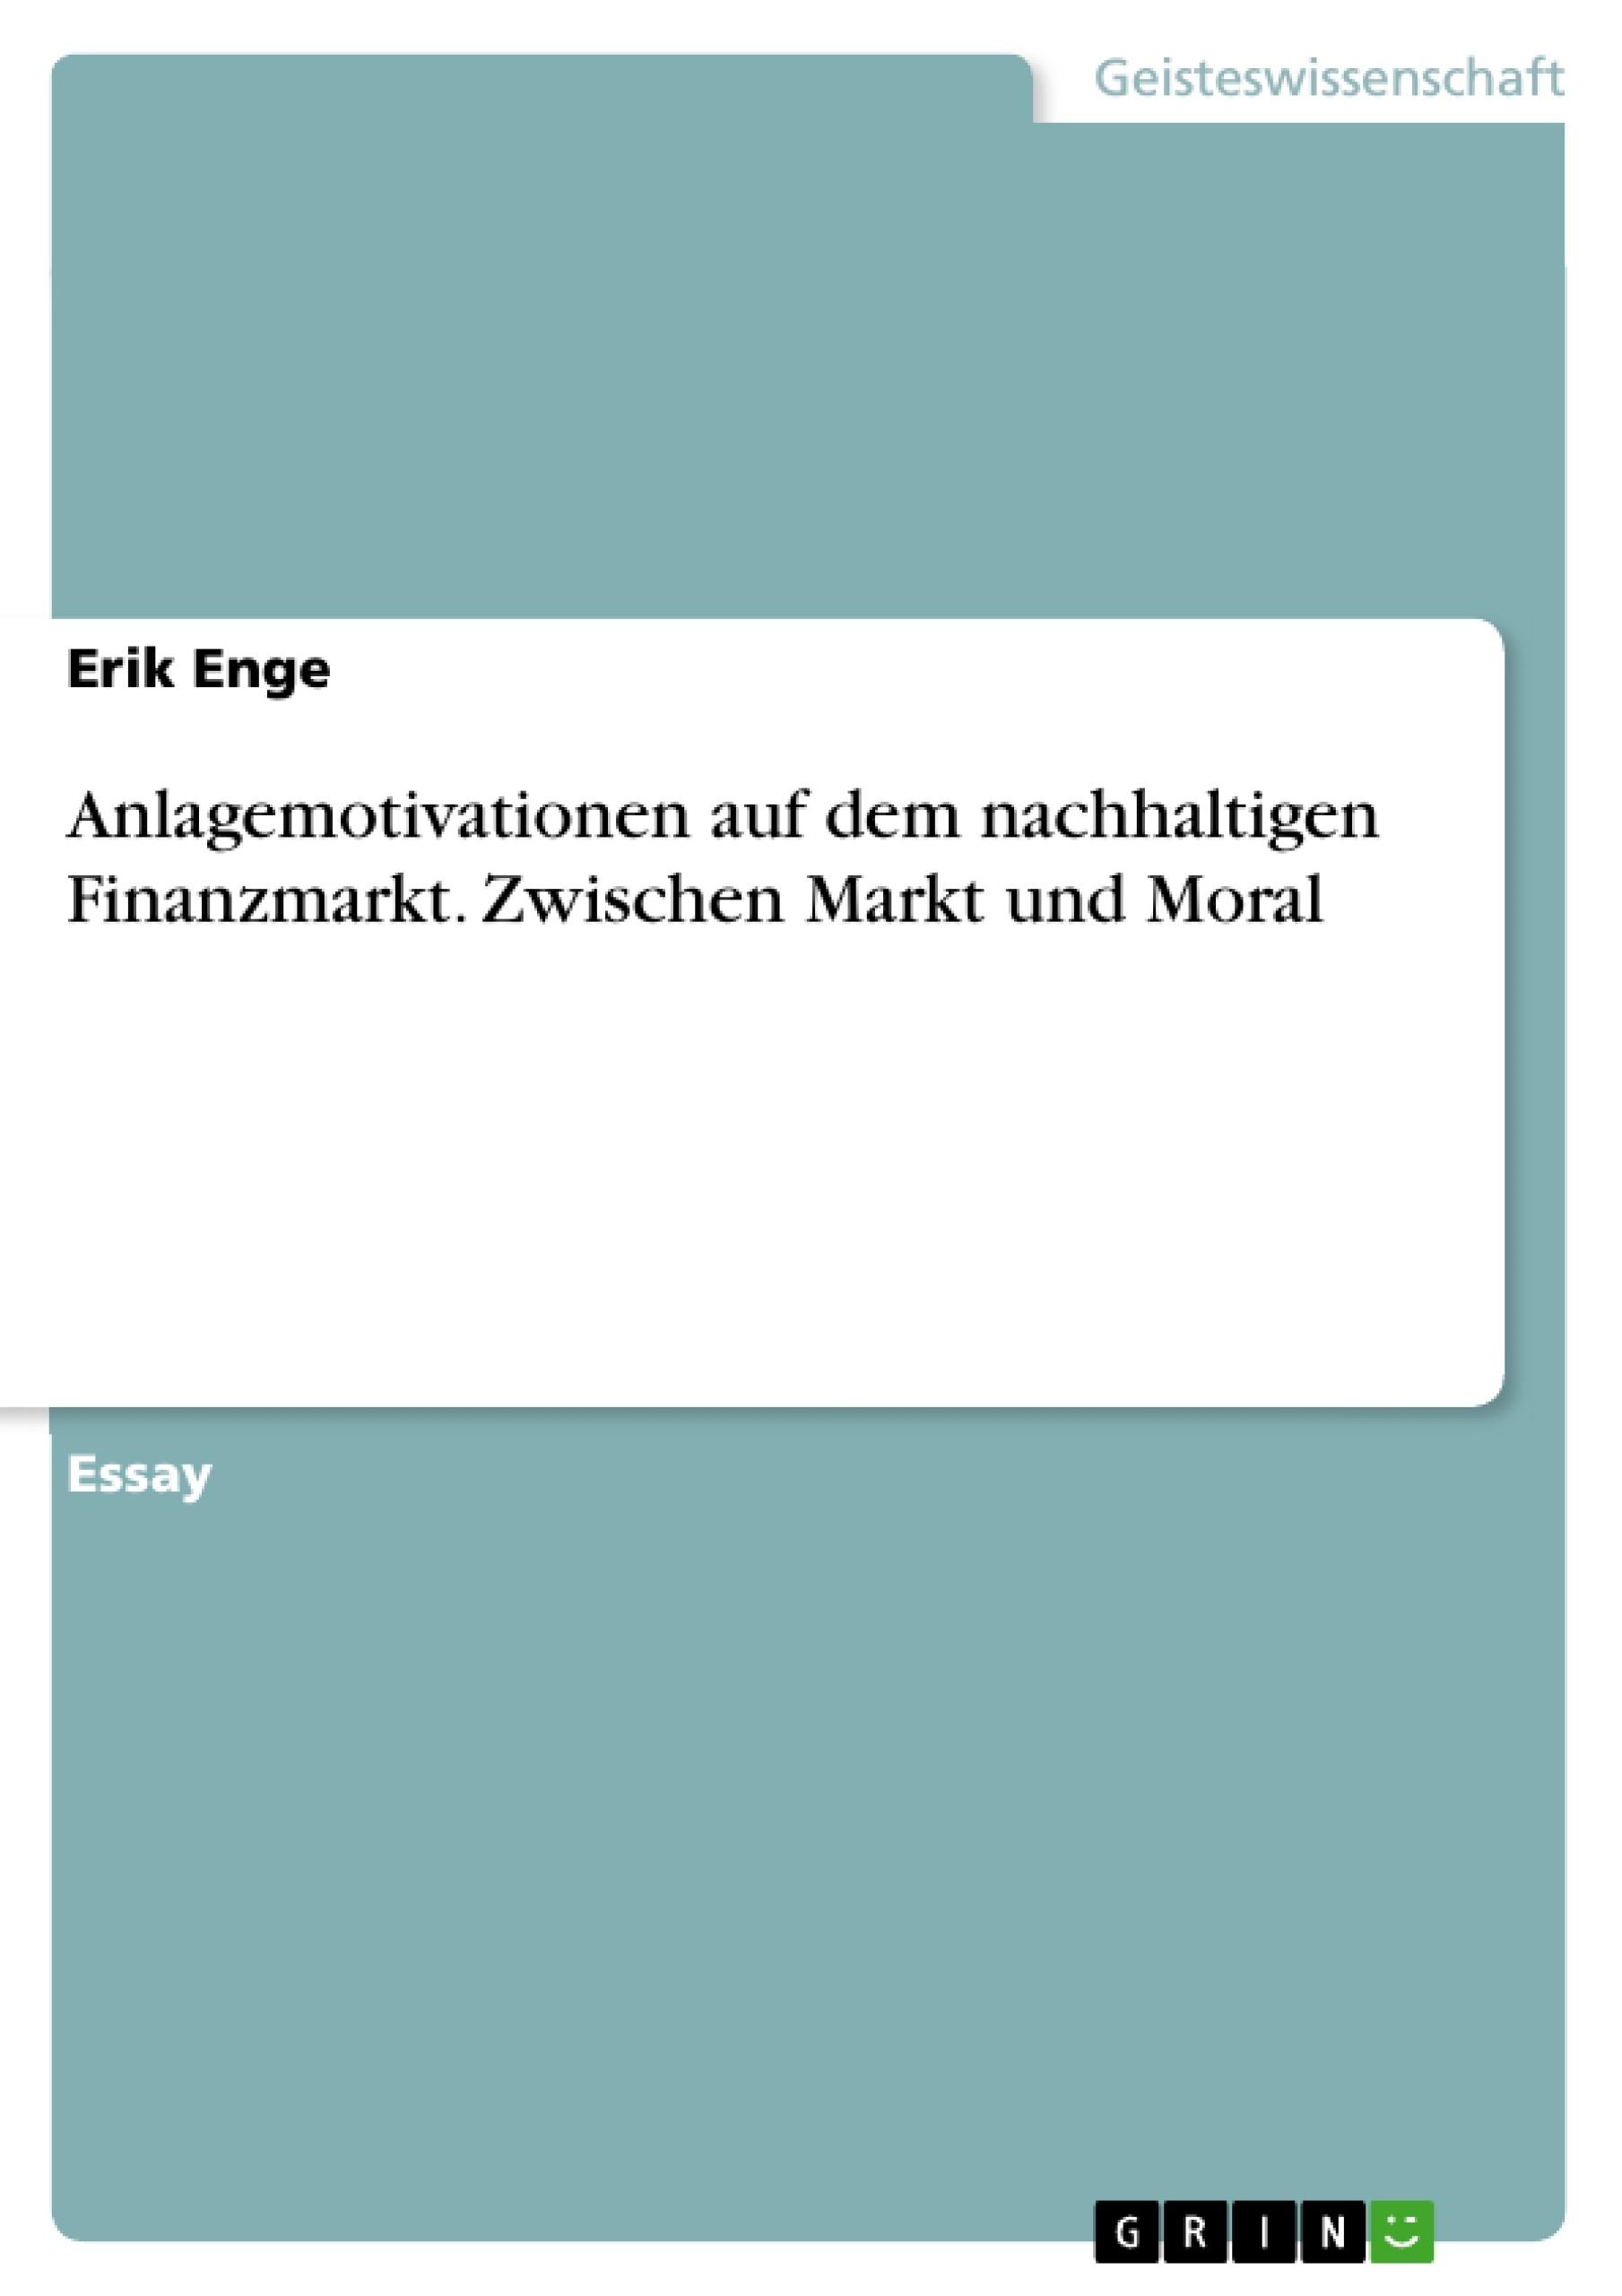 Titel: Anlagemotivationen auf dem nachhaltigen Finanzmarkt. Zwischen Markt und Moral